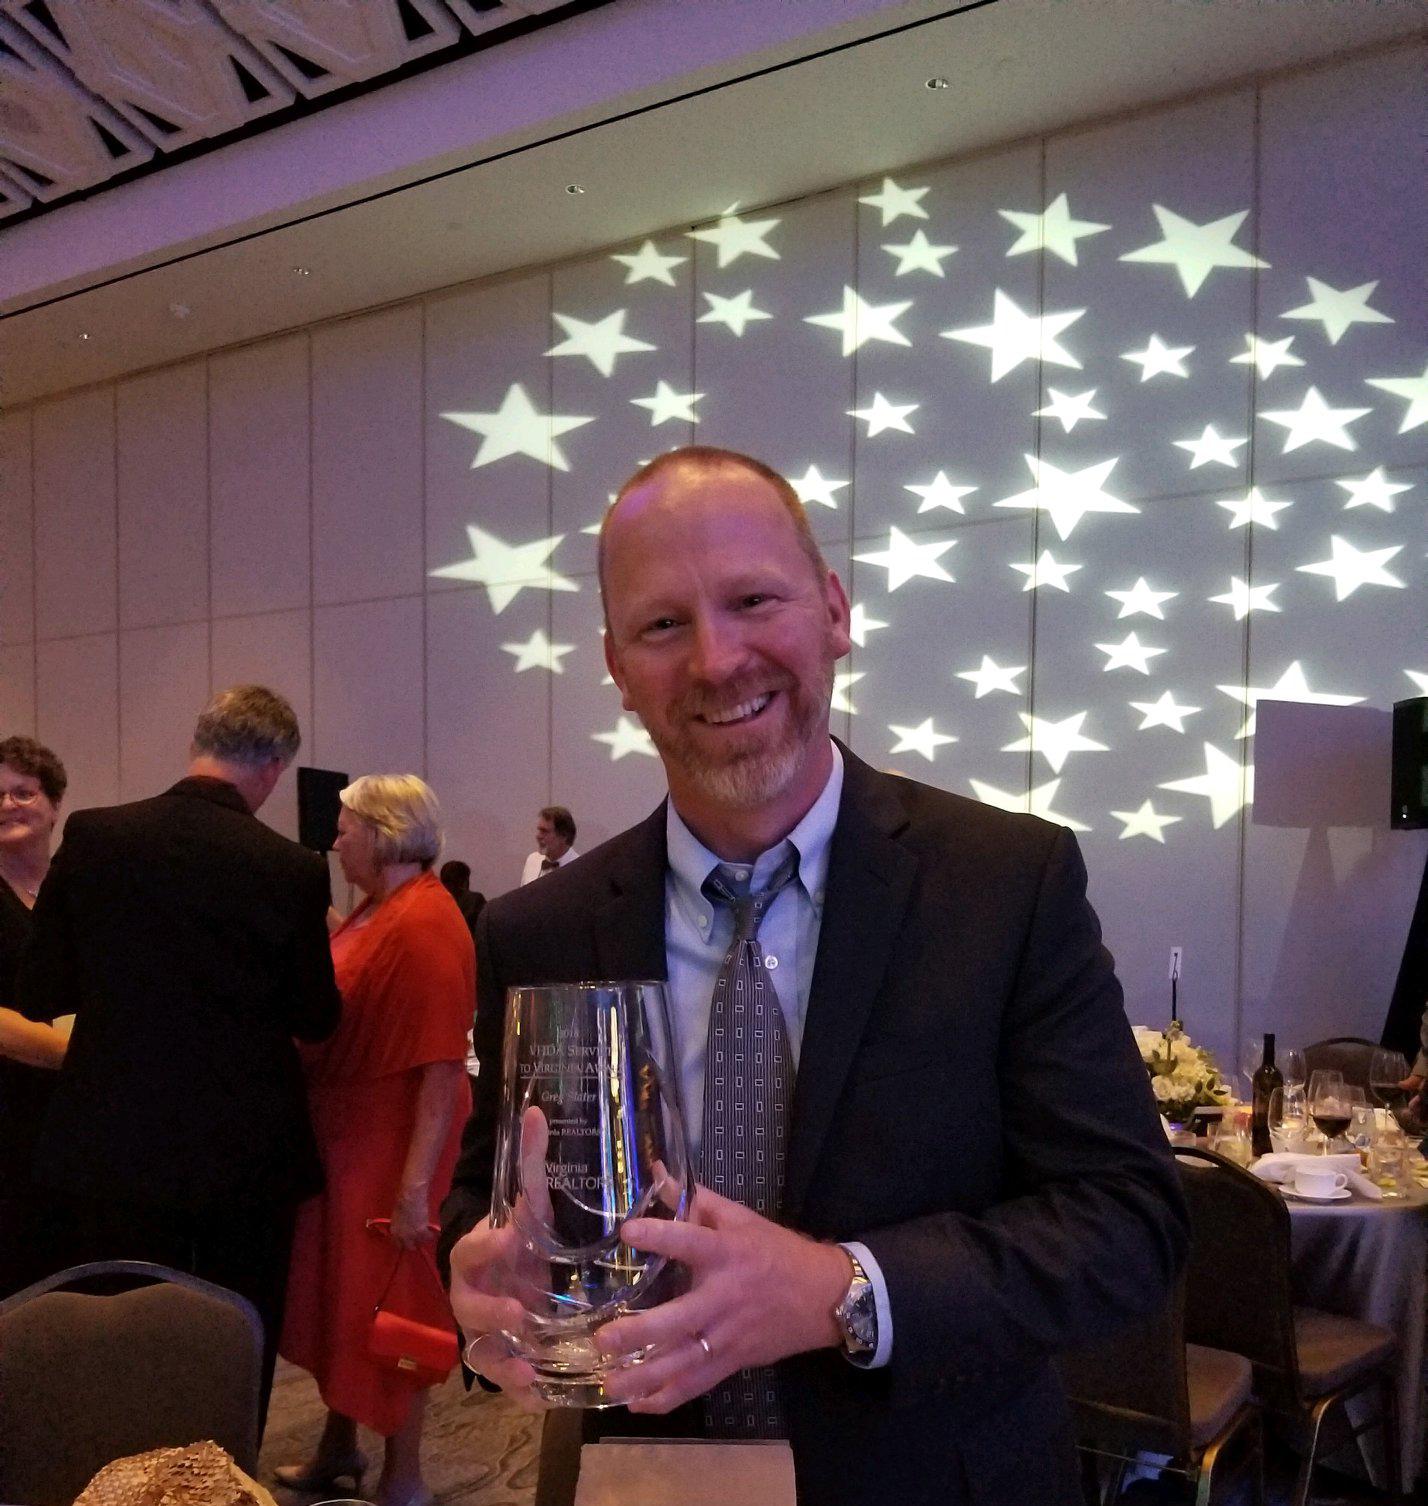 Service to Virginia Award